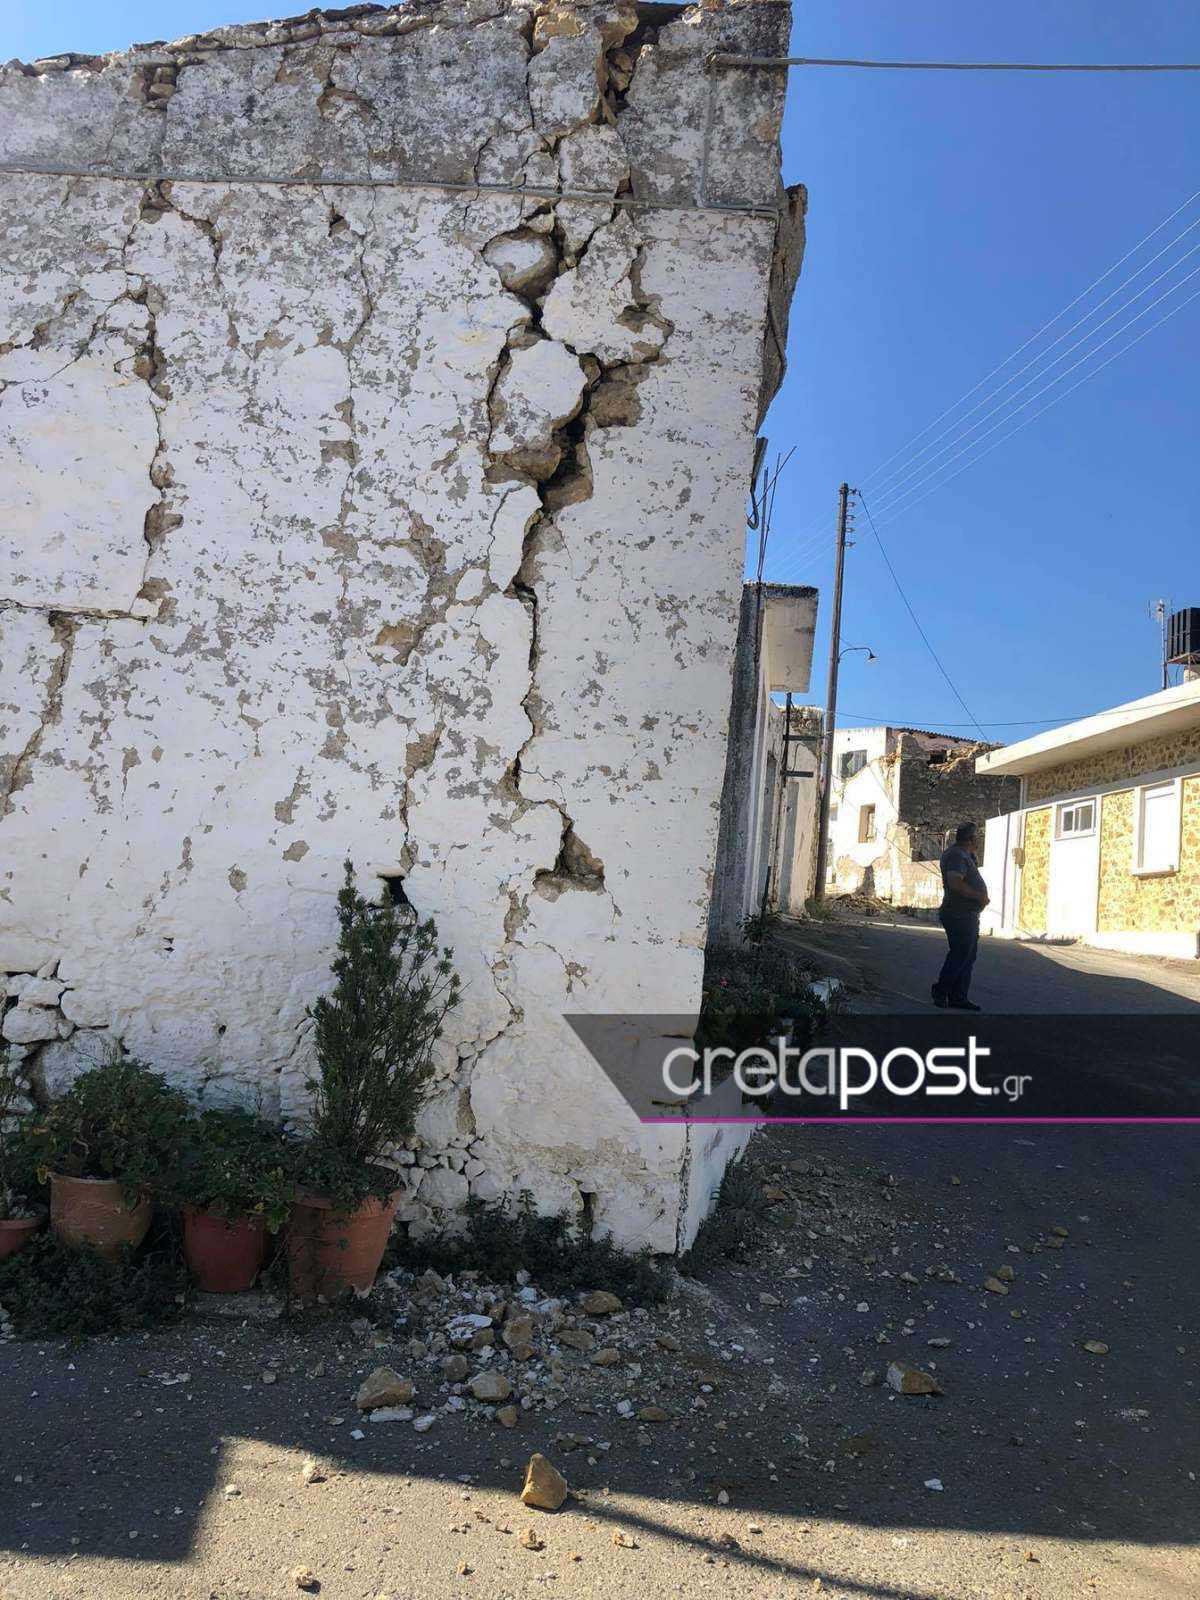 Σεισμός στην Κρήτη: Εικόνες από το χωριό που άντεξαν μόνο δύο σπίτια – Φεύγουν από το Αρκαλοχώρι